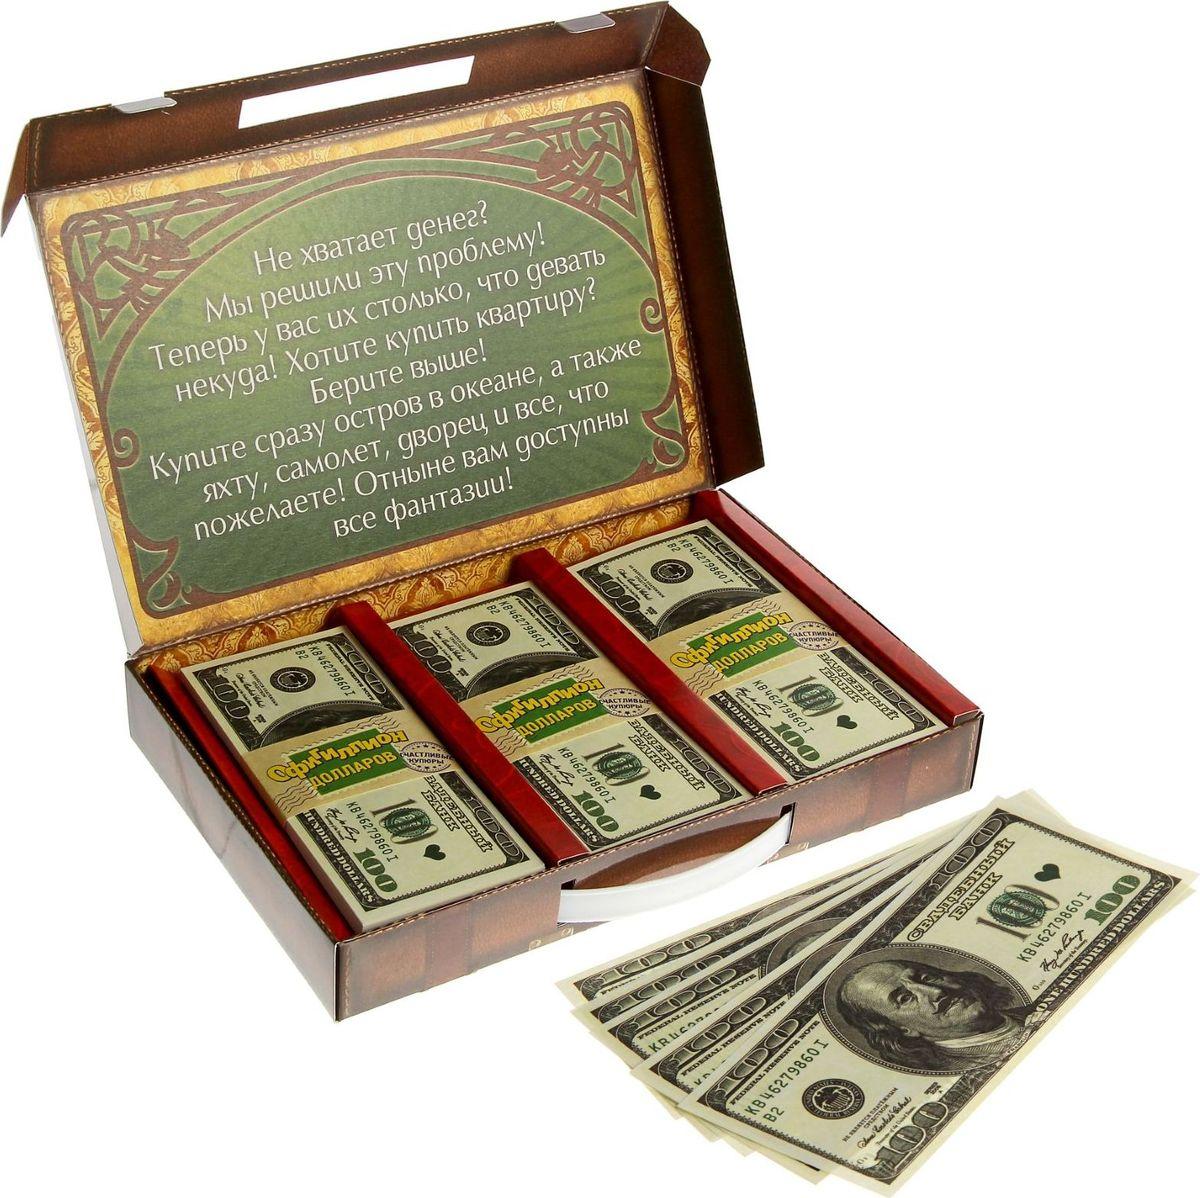 Чемодан денег Офигиллион Долларов161207Деньги — самый распространенный подарок на любое торжество. Почему бы неподарить своим близким офигиллион долларов?! Тем более, что сделать этоочень просто. Внутри чемодана находятся три стопки денежных купюр и написантекст, который можно использовать в качестве поздравления. Необычный яркийдизайн изделия создаст праздничное настроение и подарит море позитивныхэмоций! Теперь можно не только пожелать чемодан денег, но и подарить его!